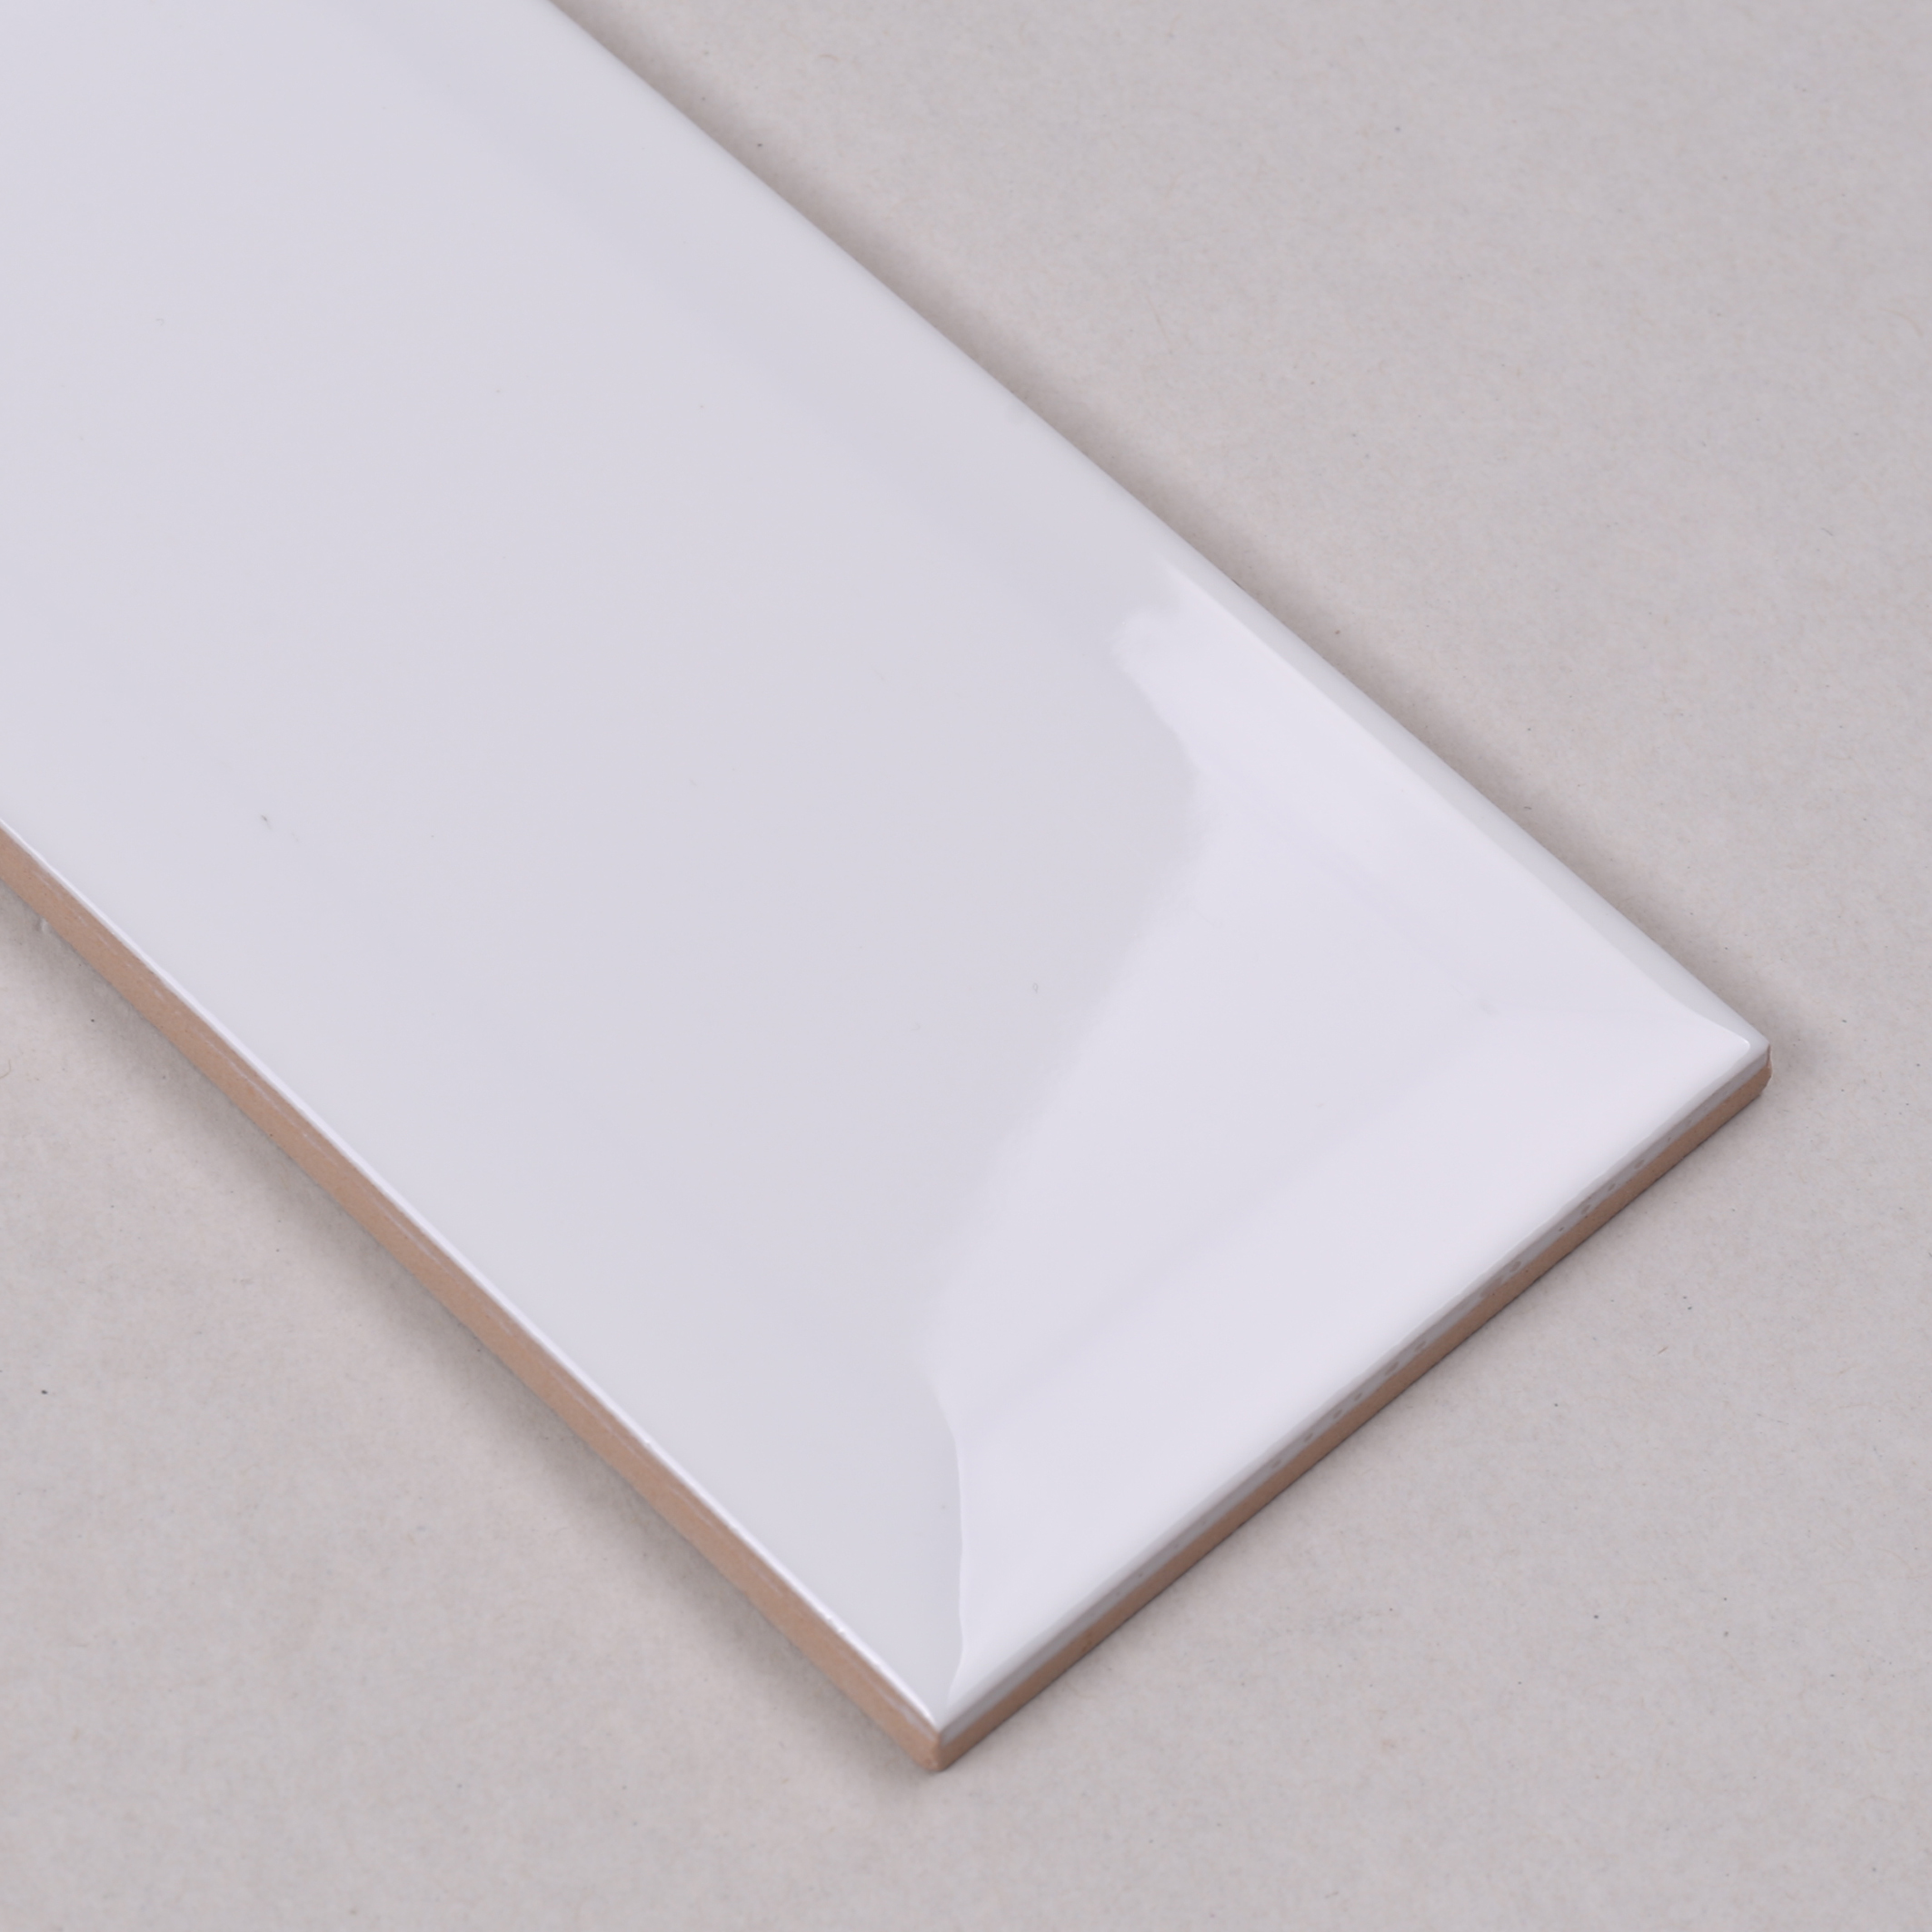 Bevel Gloss 75x150x8 (4)